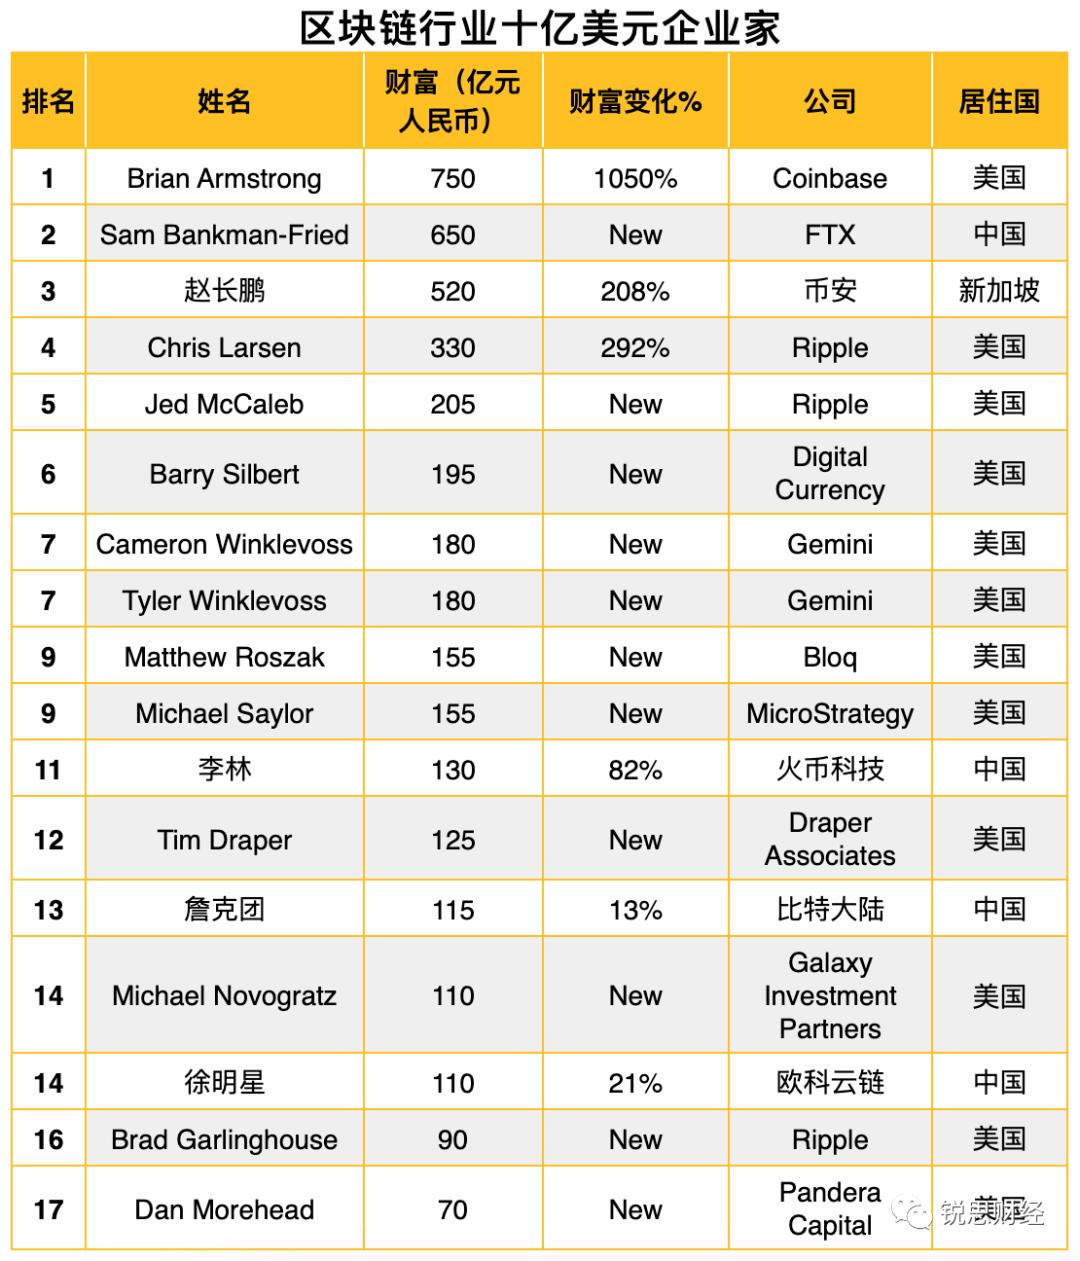 """021全球富豪榜:区块链行业有17位十亿美元企业家"""""""